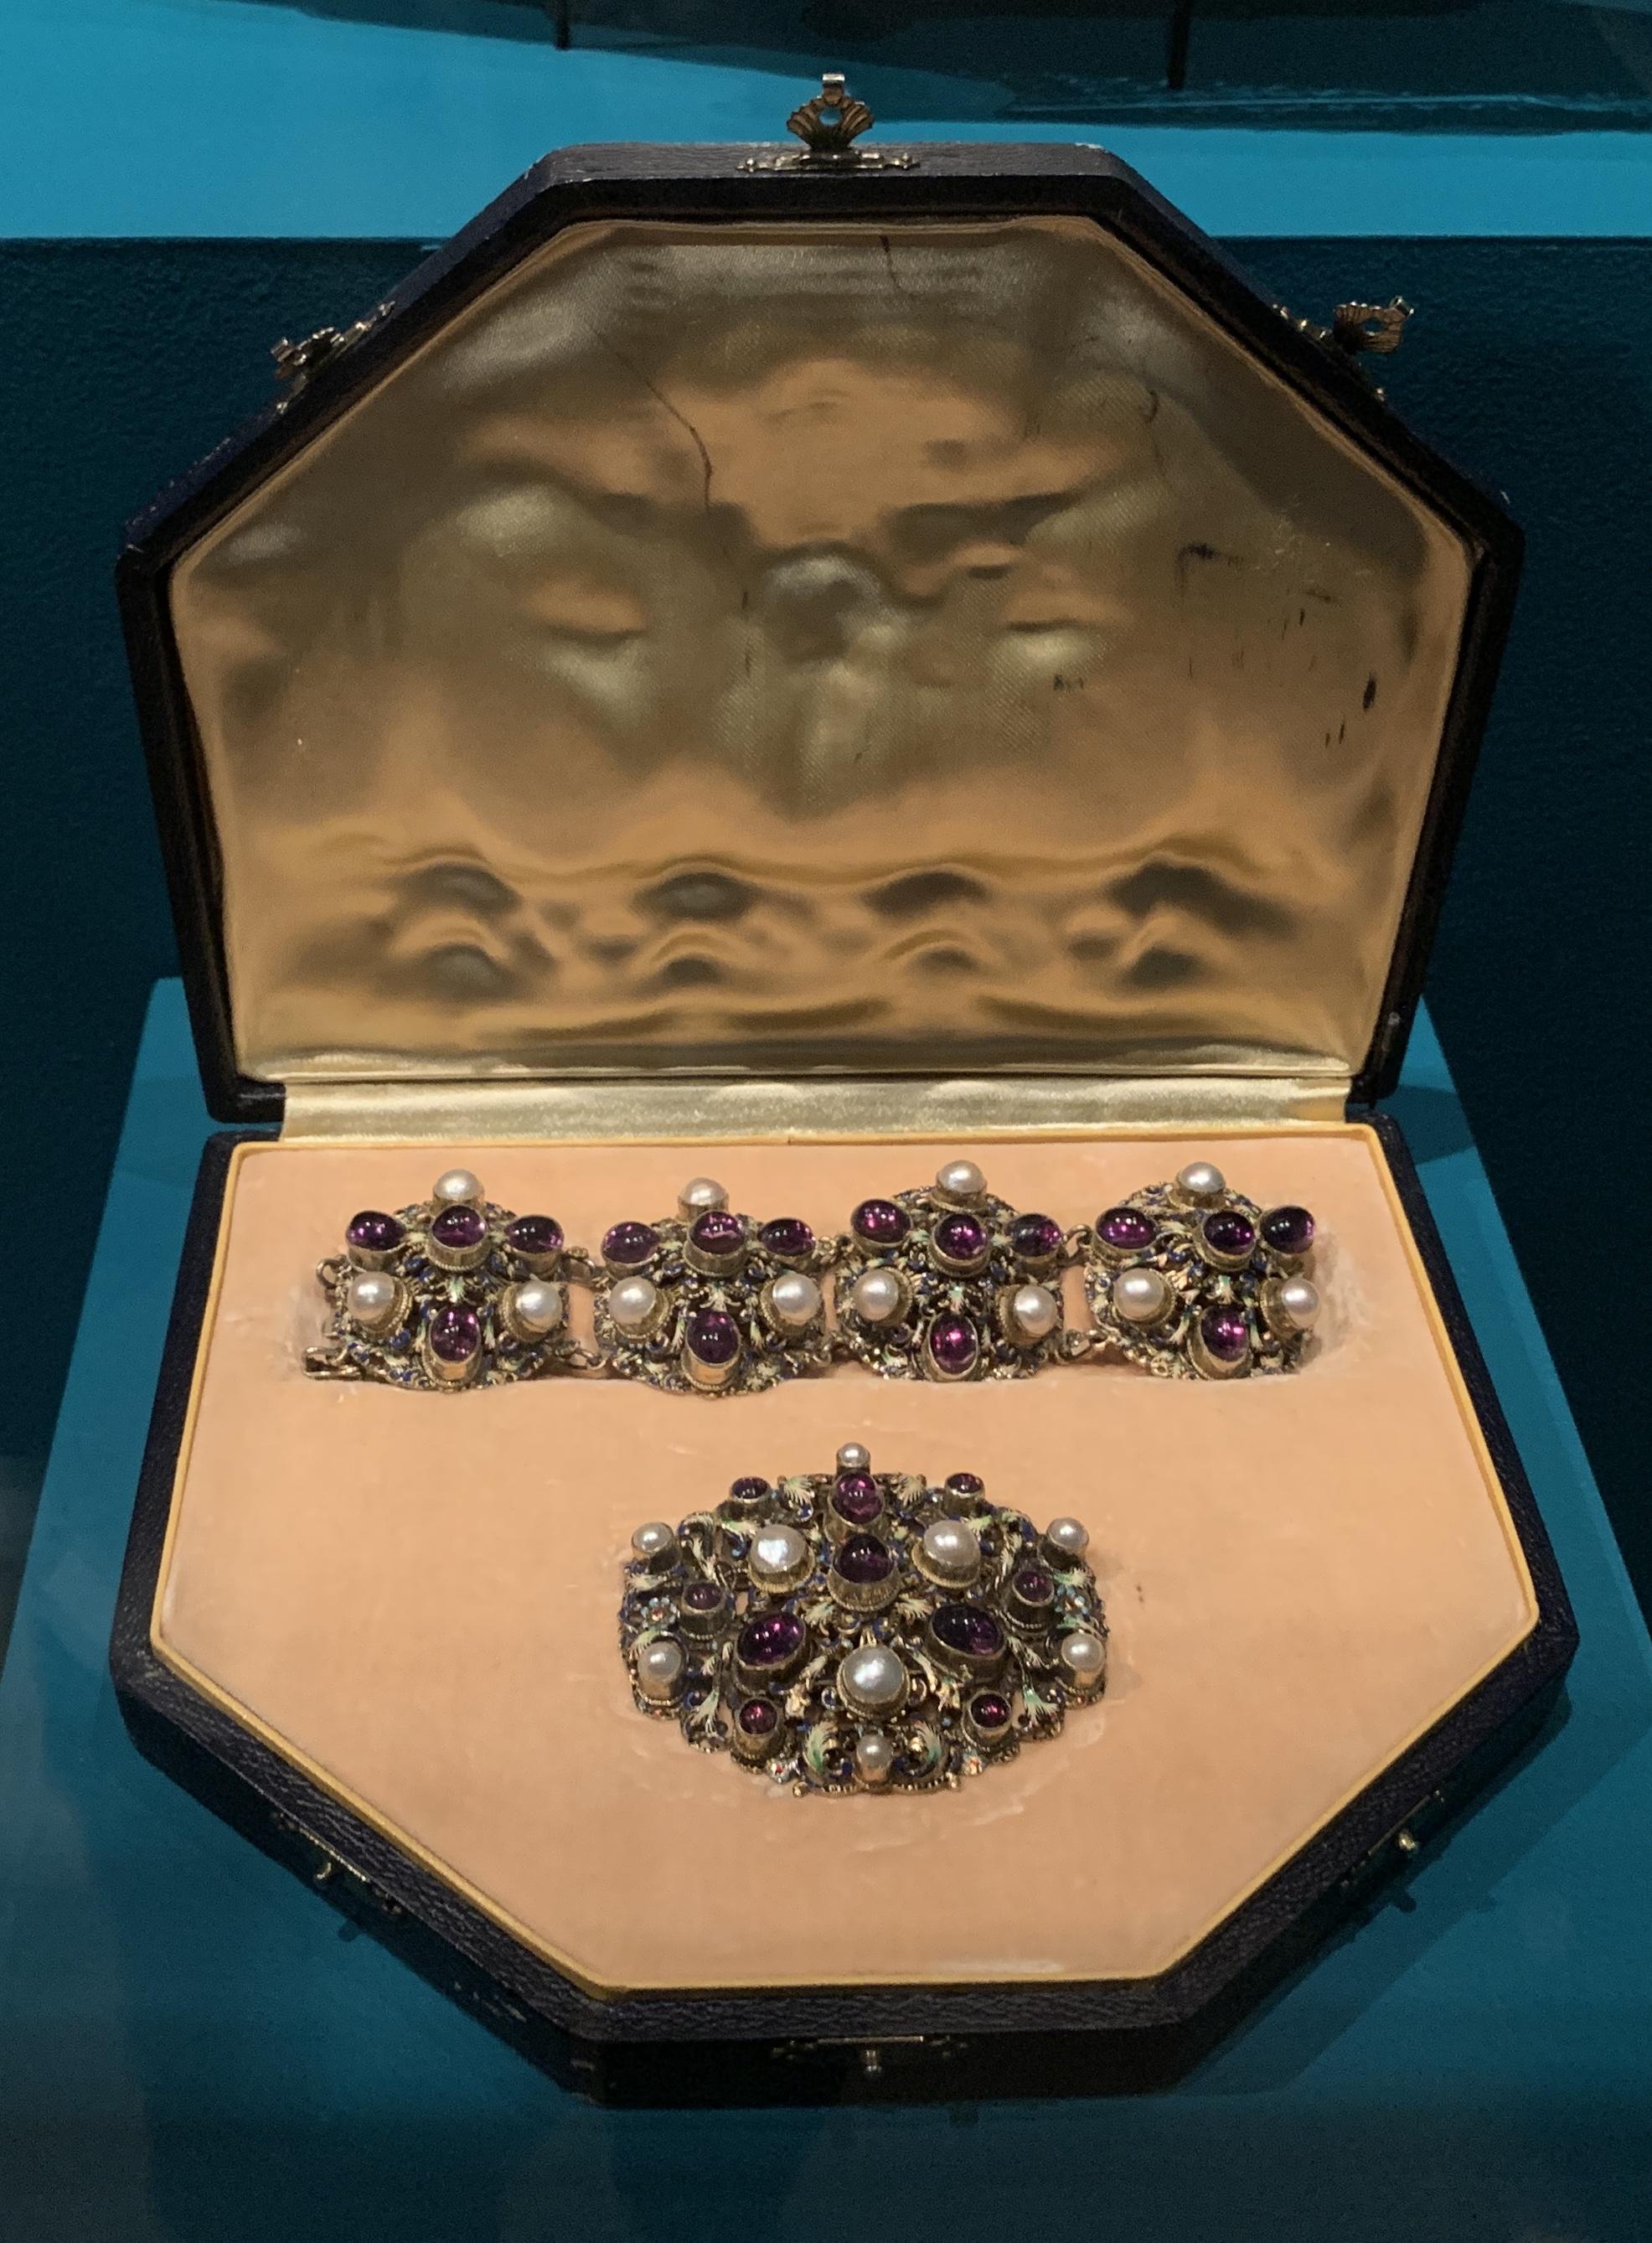 Juwelen! Hermitage Amsterdam, 2019. Armband en broche, 1850-1900. Foto met dank aan SAF, Astrid Berens©